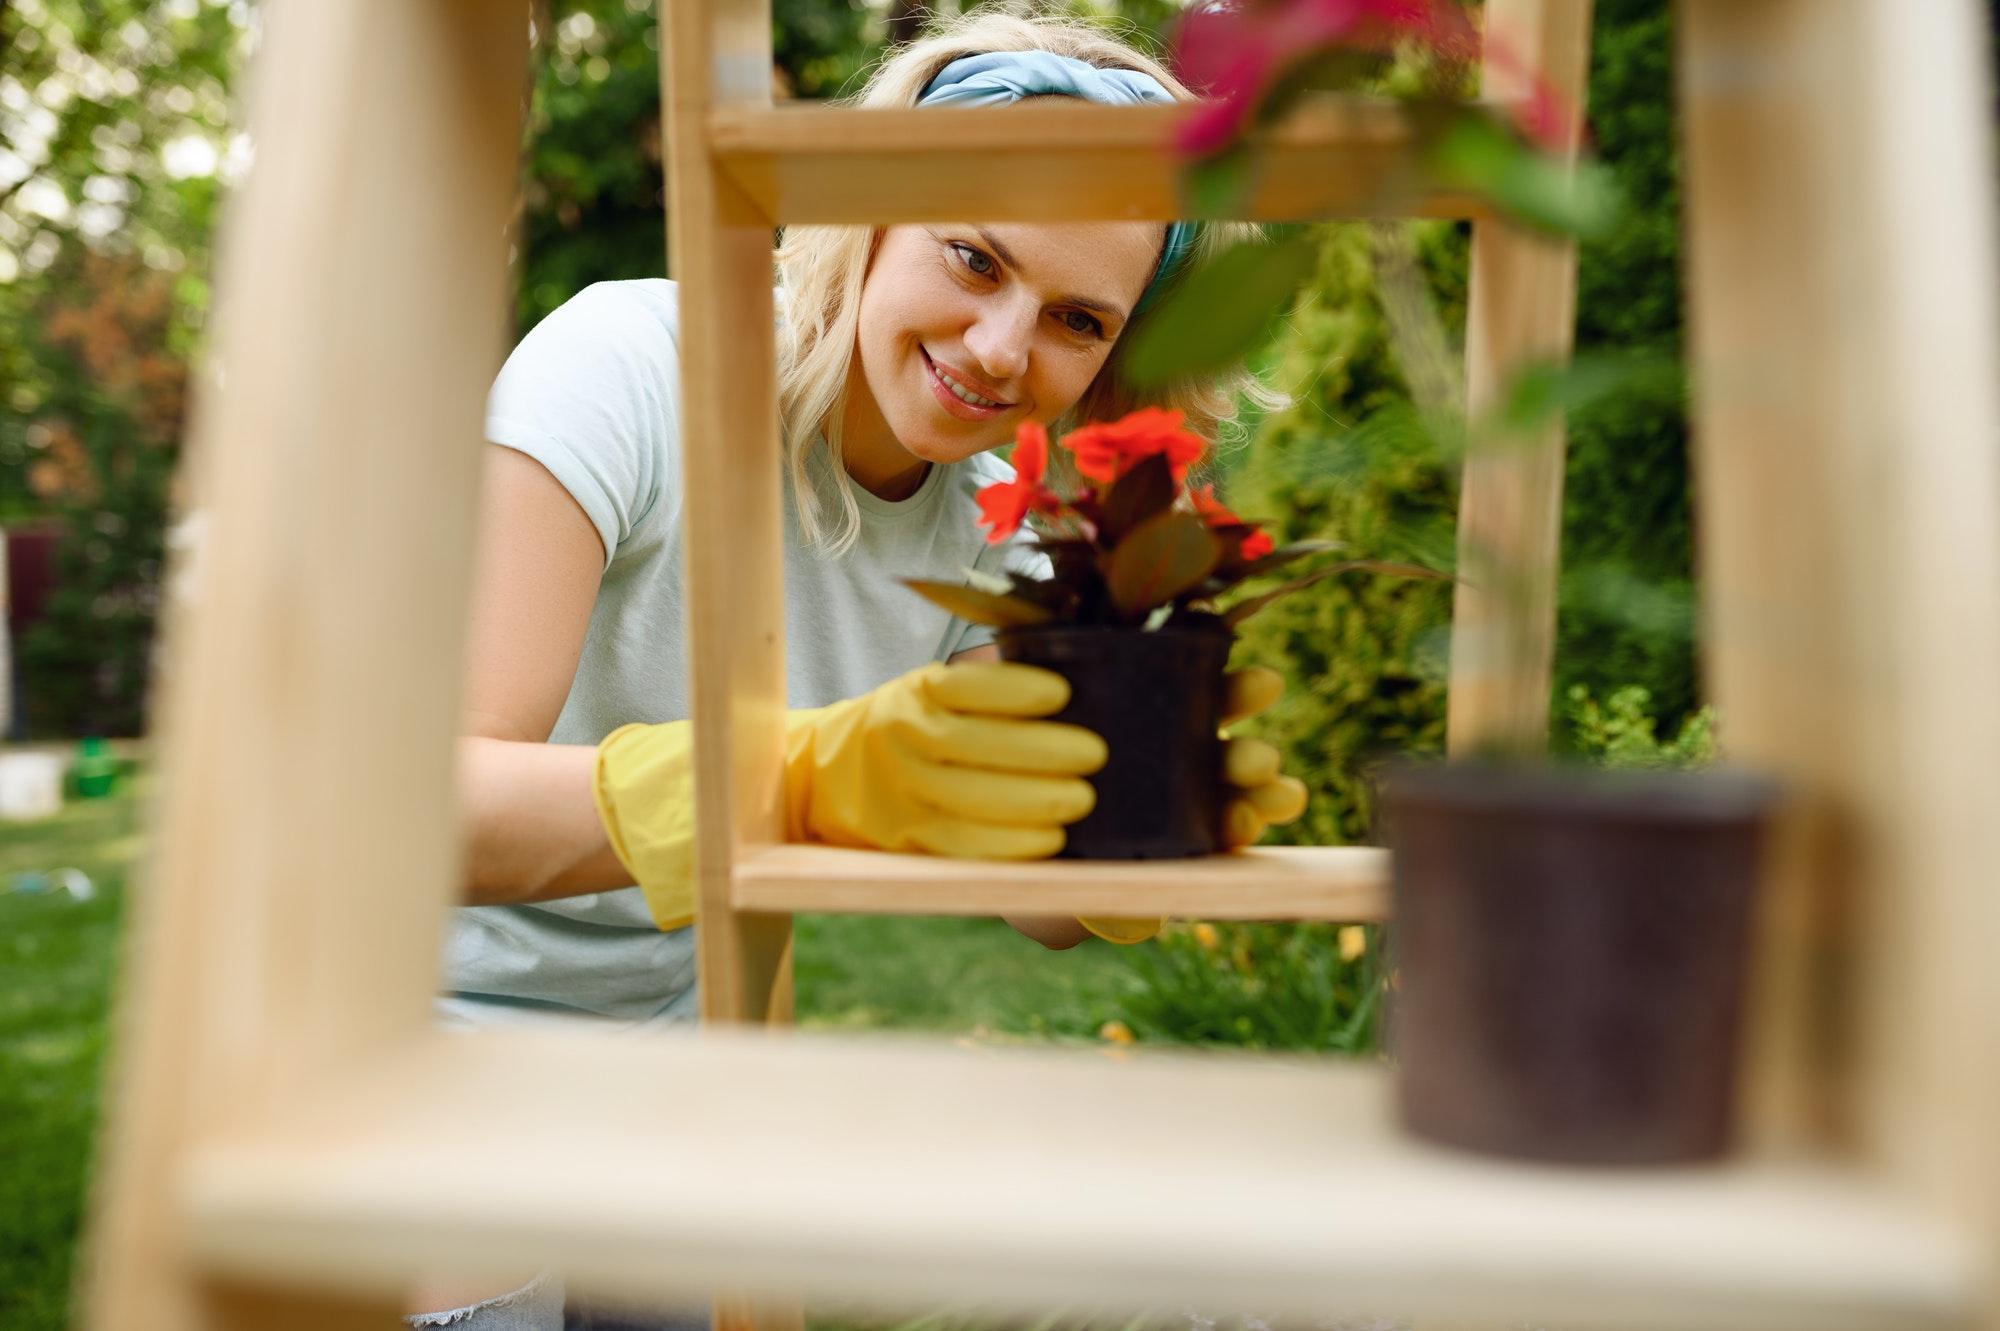 Woman growing flowers in pots in the garden